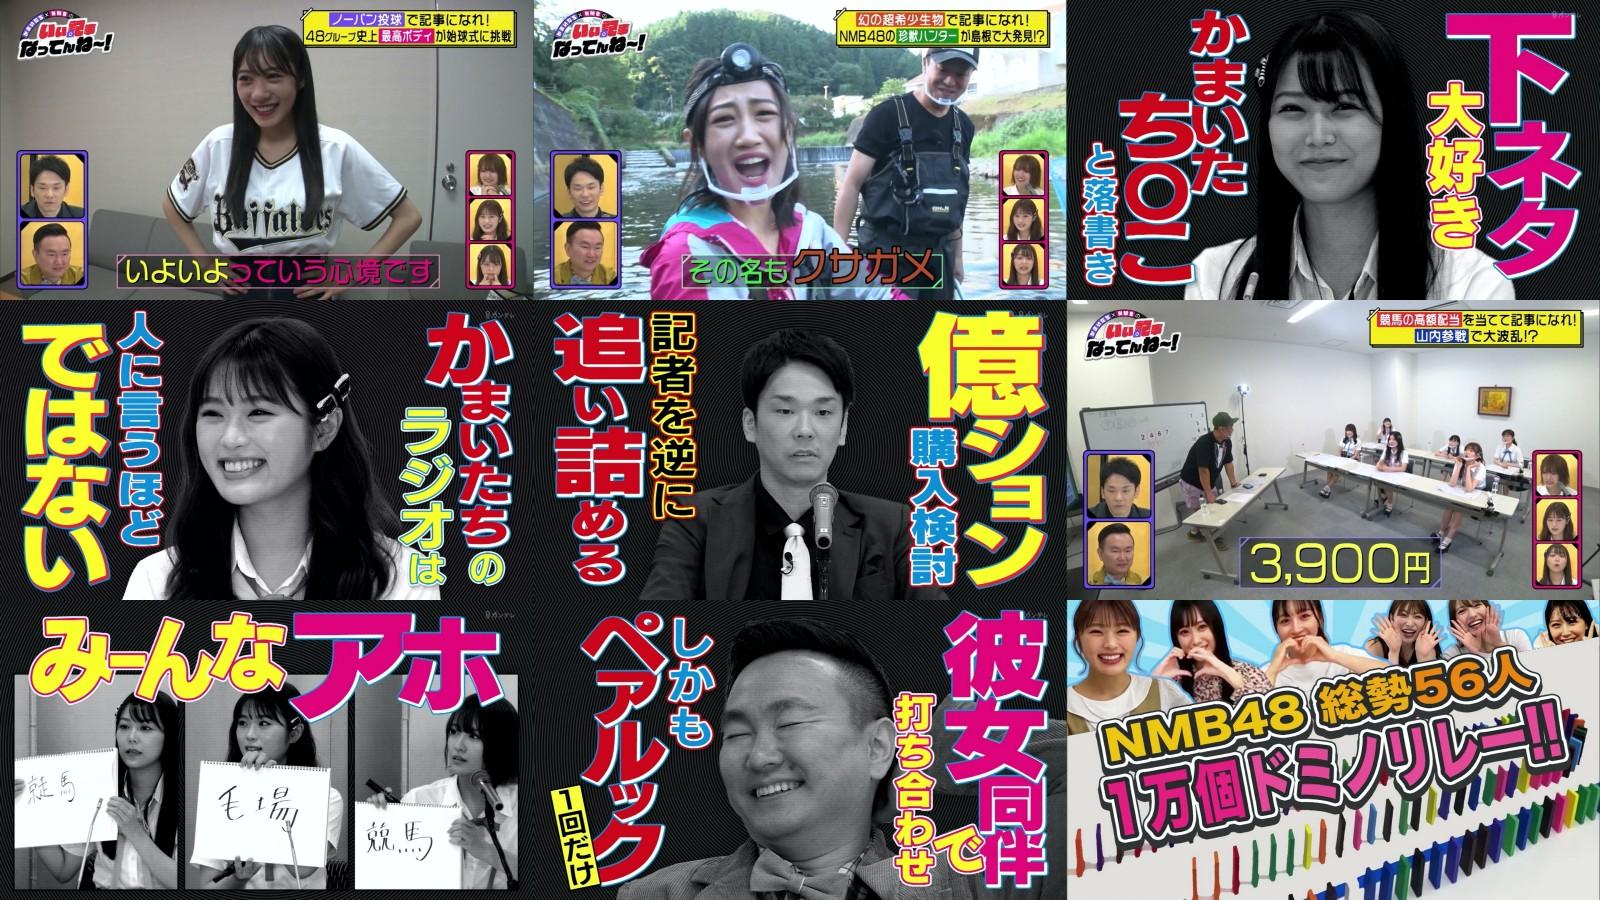 【NMB48】9月26日に放送された『かまいたち×NMBのいい記事なってんね~!』の実況と画像。